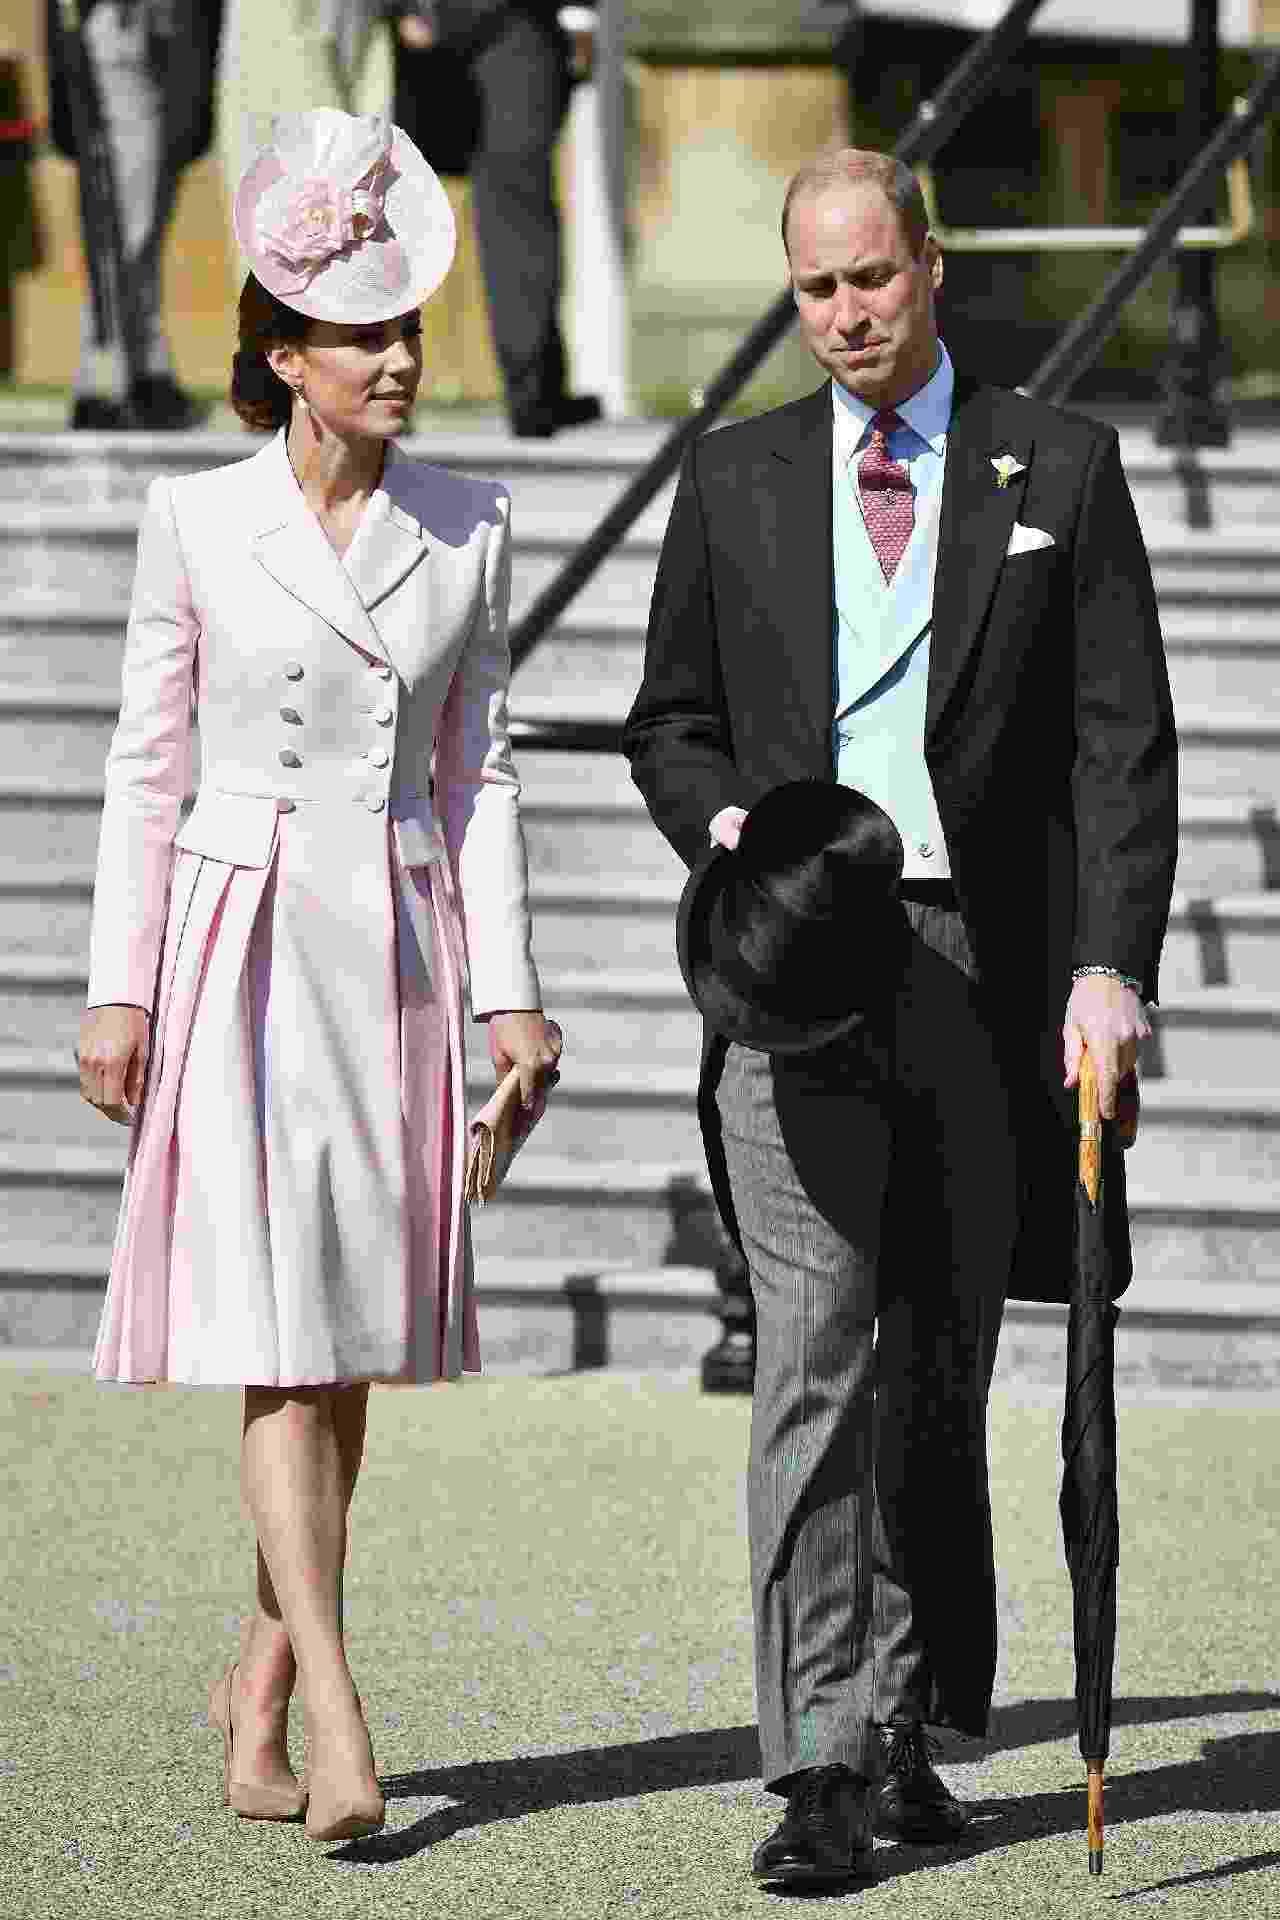 Kate Middleton e príncipe William na Garden Party da Rainha Elizabeth nesta terça-feira (21) - AFP/Getty Images